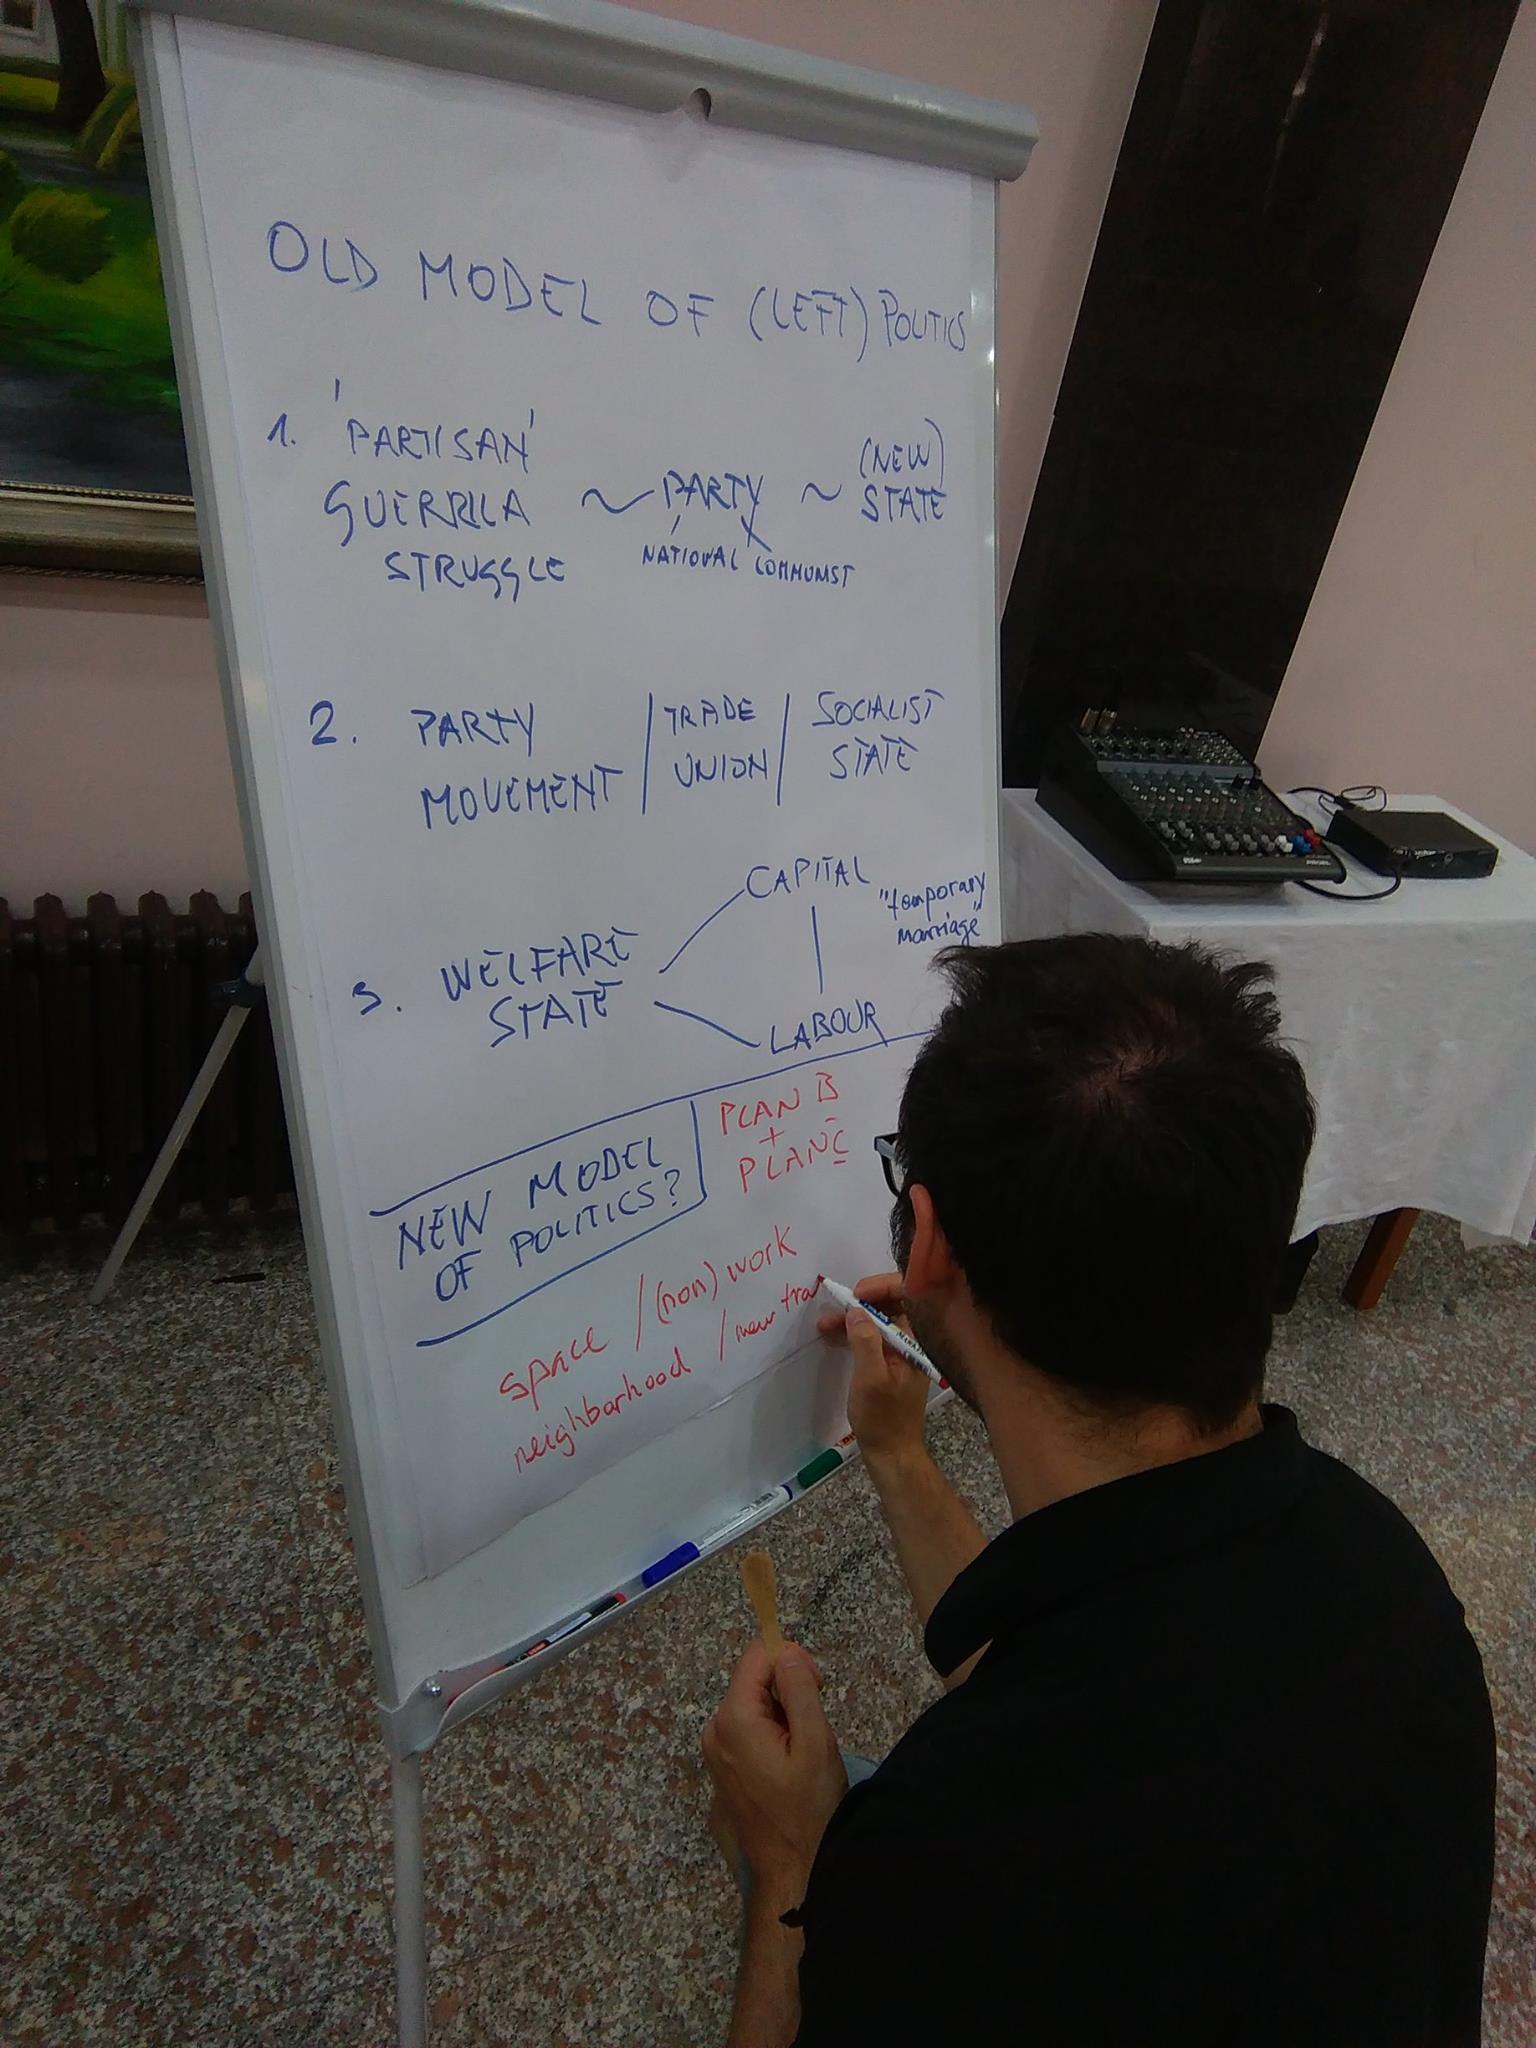 Stari model (lijeve) politike i promišljanje novog modela (foto: LM).